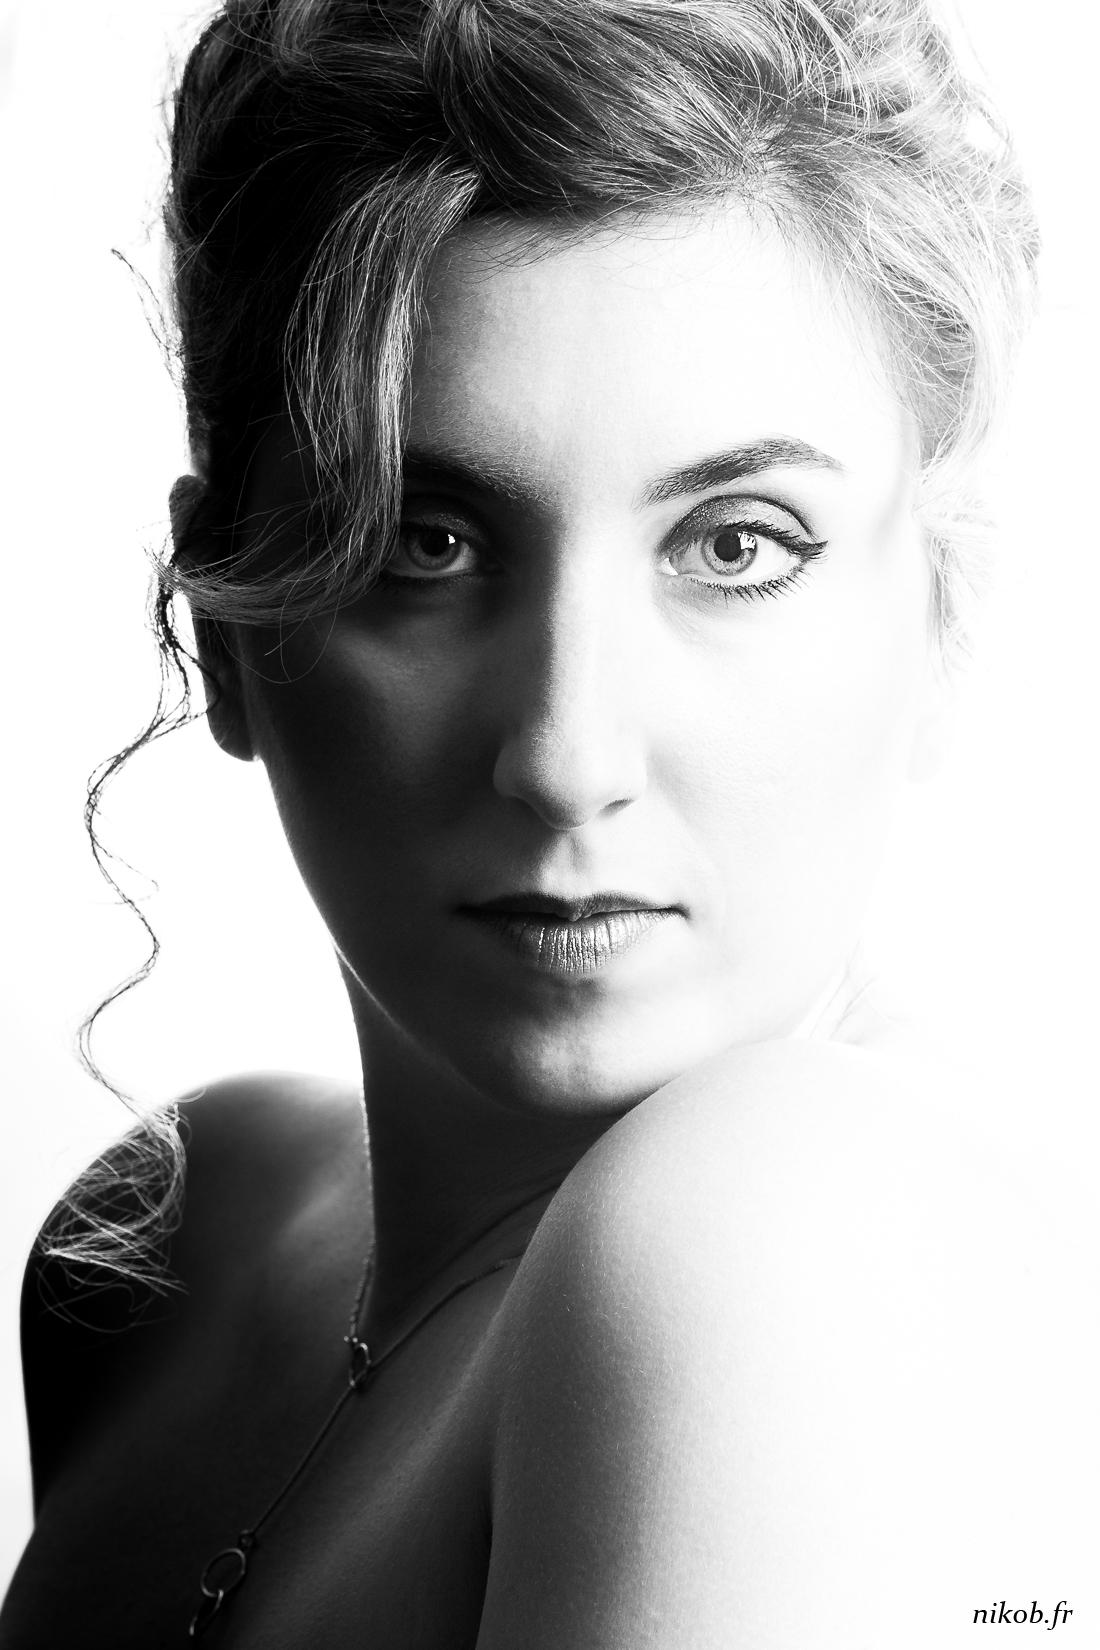 portrait high key noir et blanc